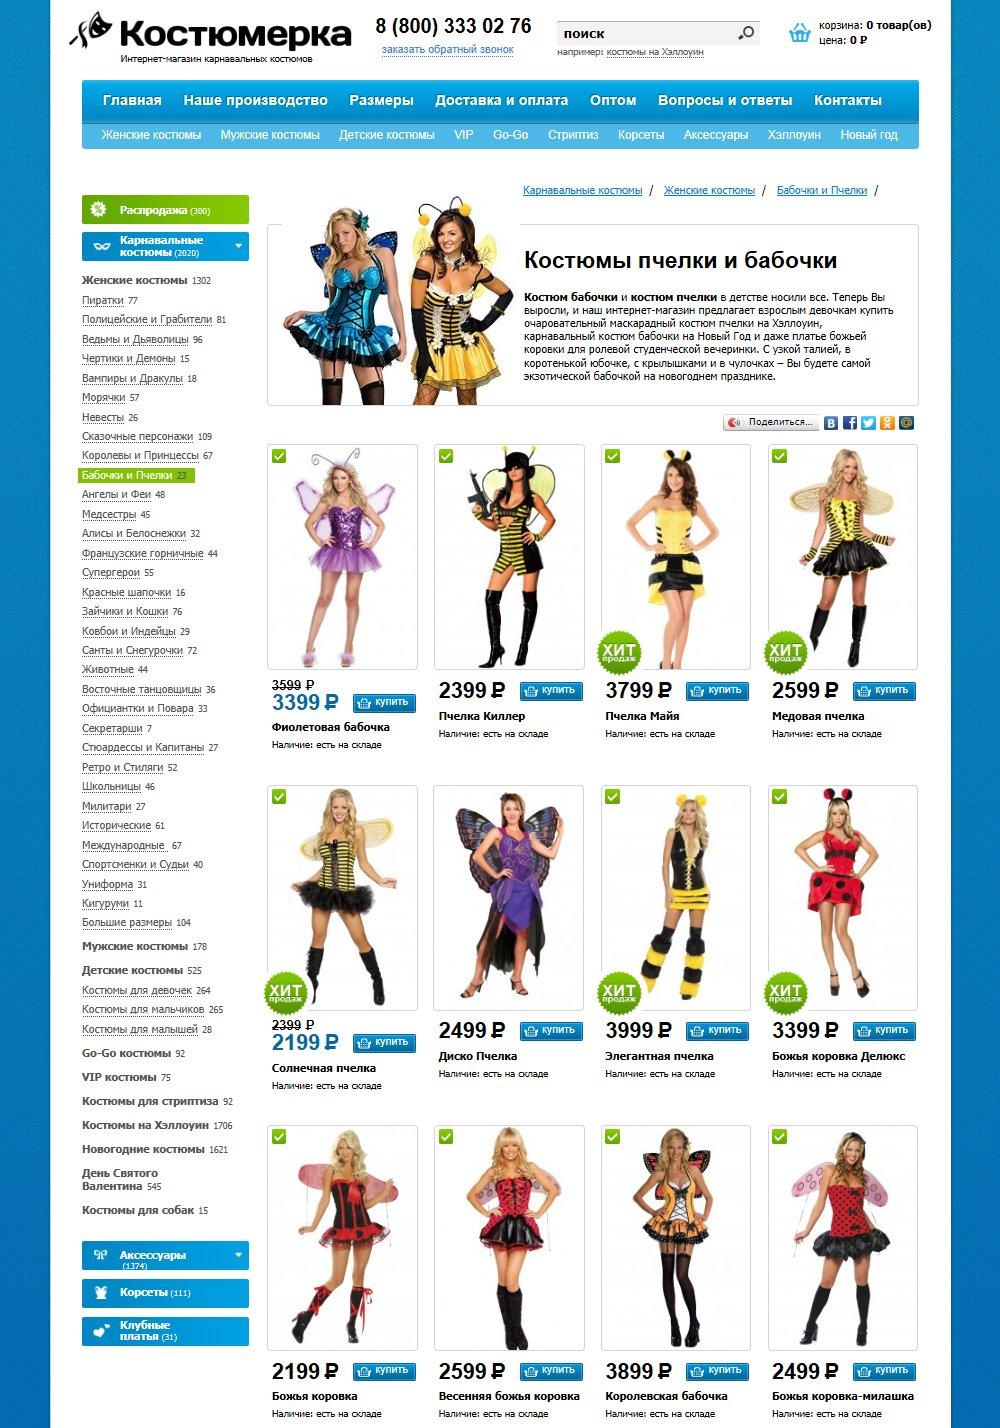 Каталог товаров интернет-магазина карнавальных костюмов Kostumerka.ru